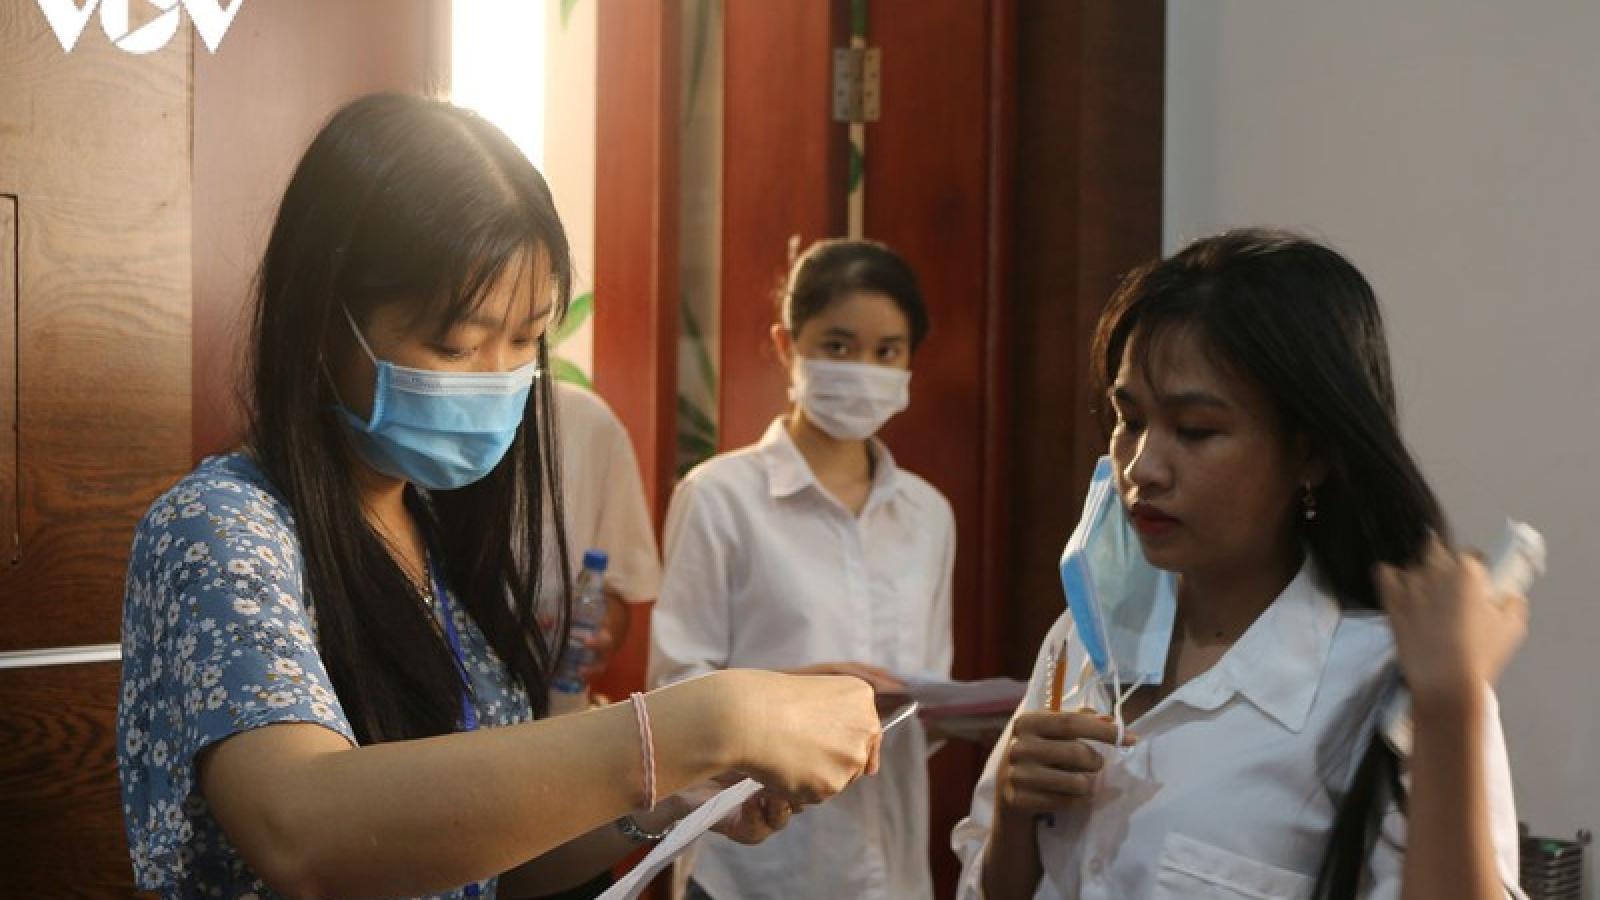 Hơn 40.000 thí sinh ở TP HCM bắt đầu làm bài thi đánh giá năng lực 